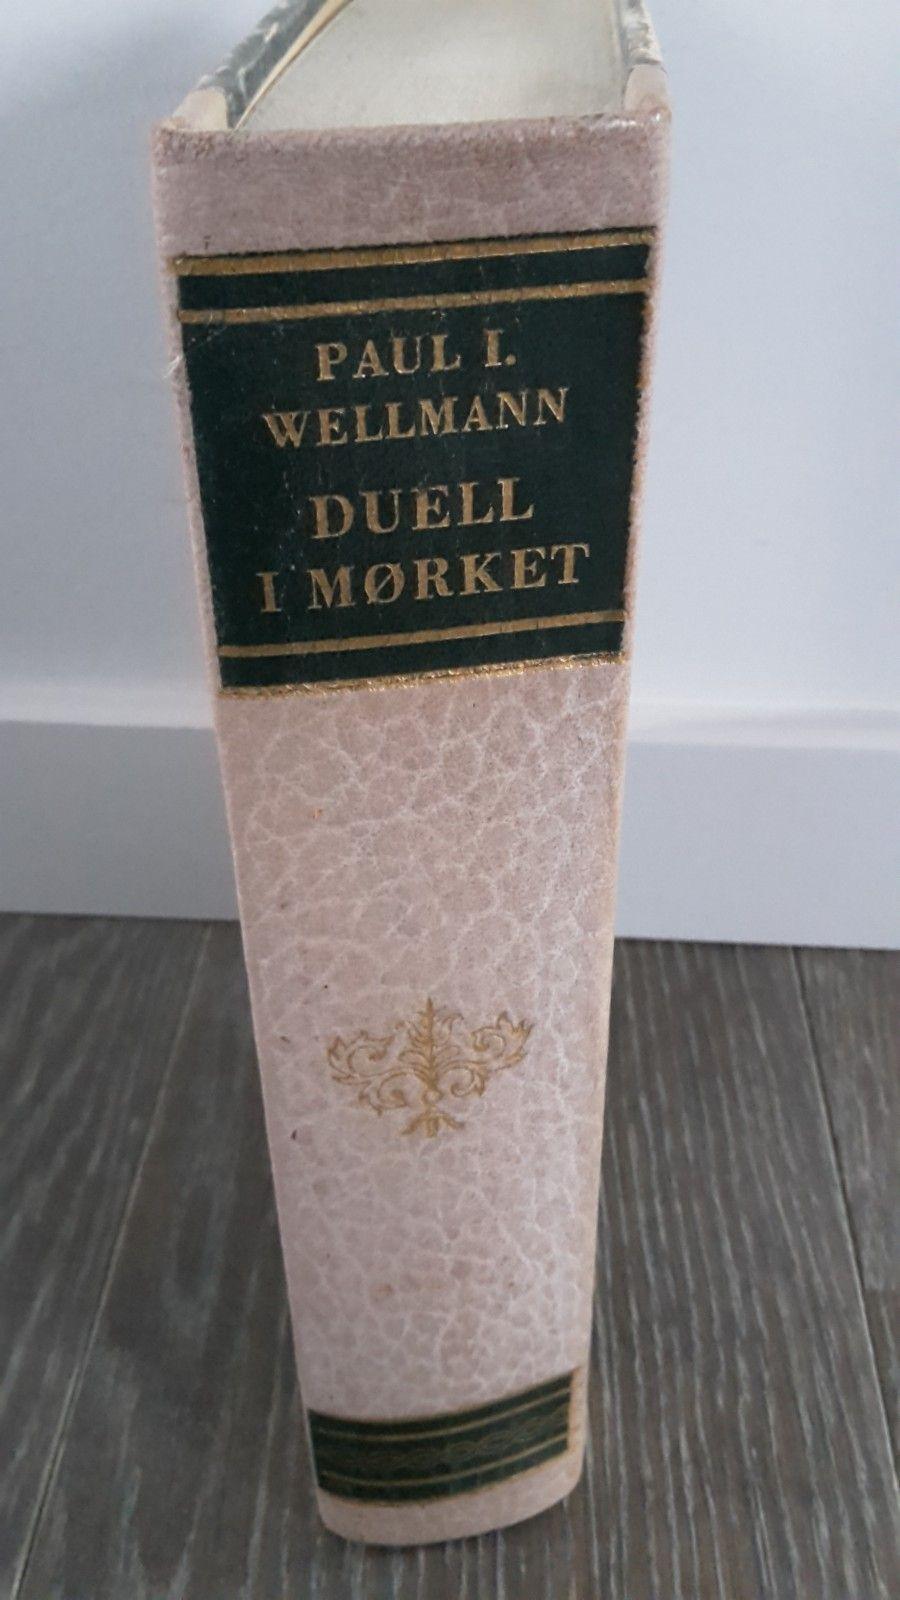 Paul I. Wellmann - Duell i mørket - Stranda  - Boken selges 40kr. Kan hentes eller sendes. Kjøper betaler porto - Stranda